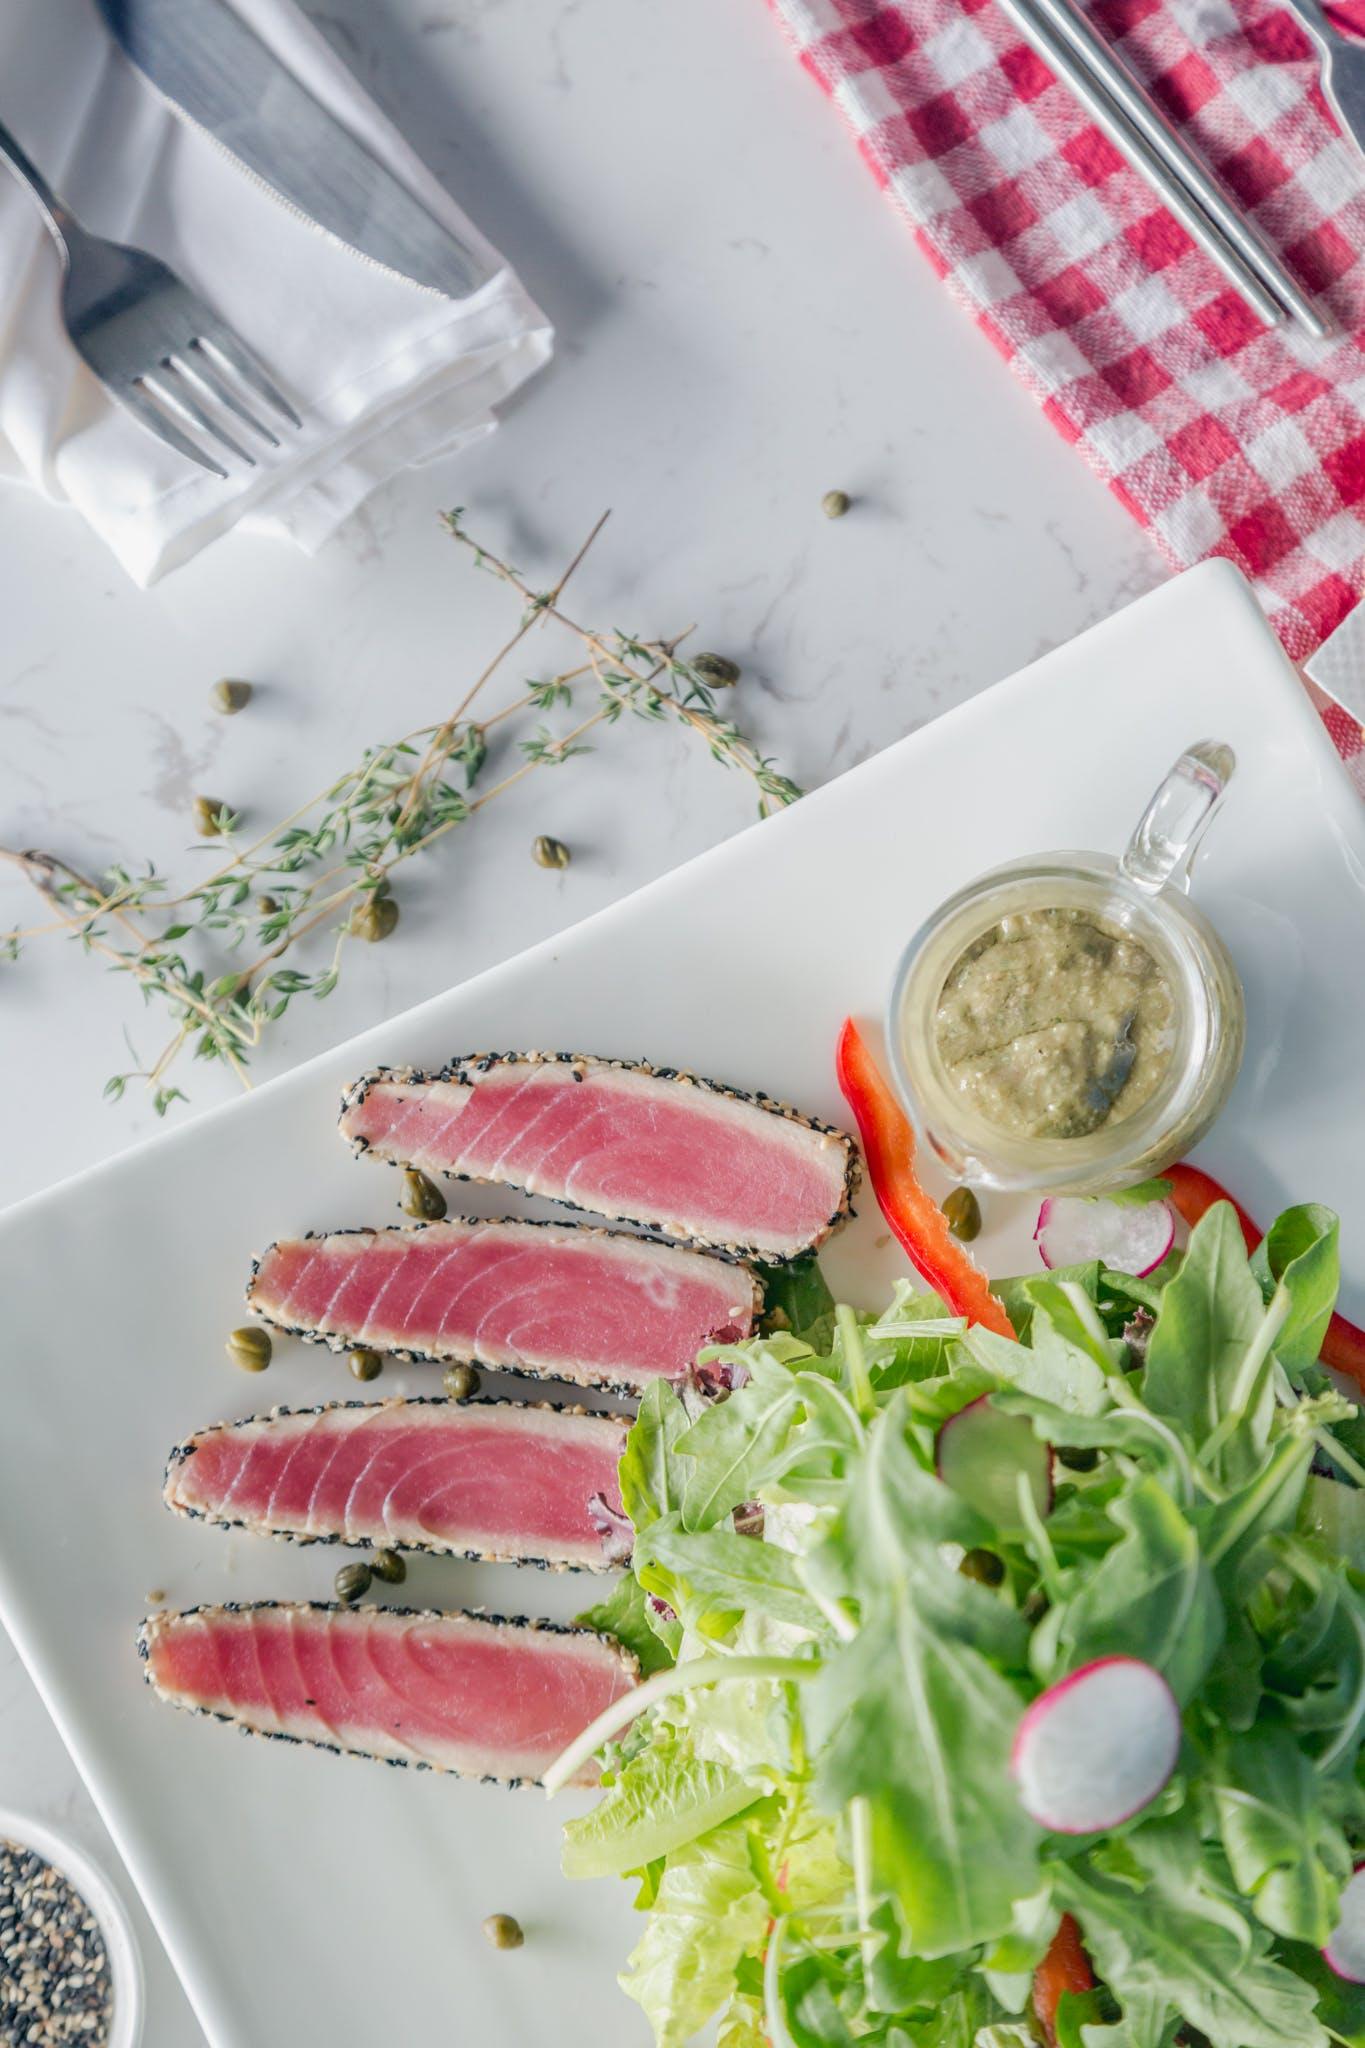 Gratis lagerfoto af delikat, kød, mad, madfotografering